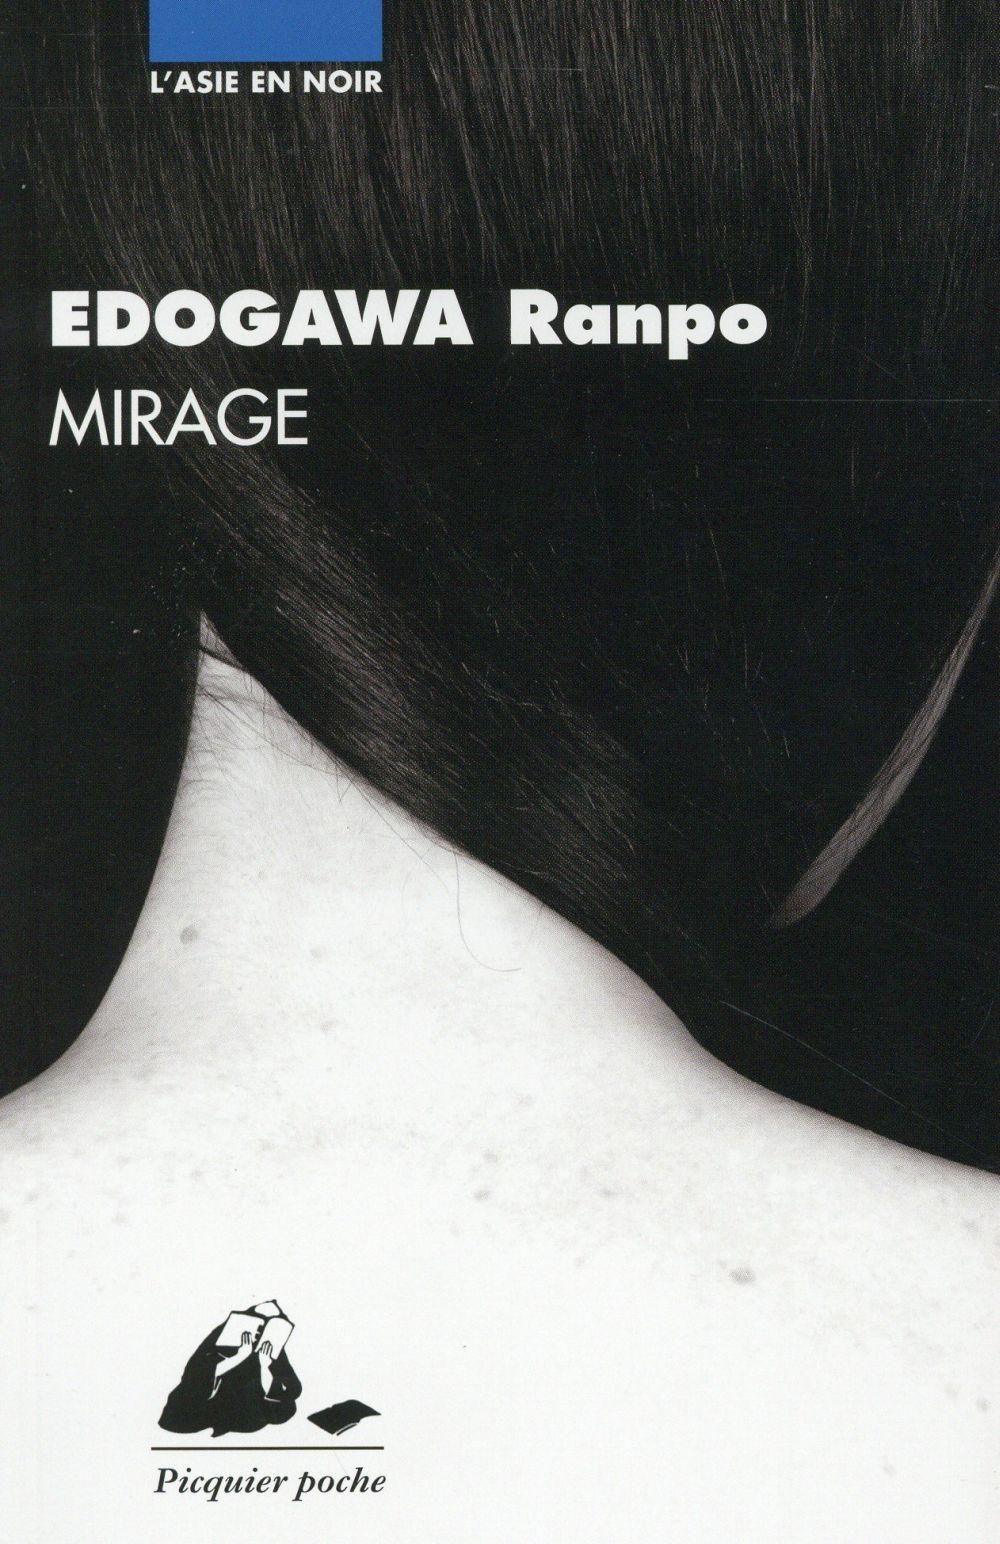 Edogawa Ranpo - MIRAGE